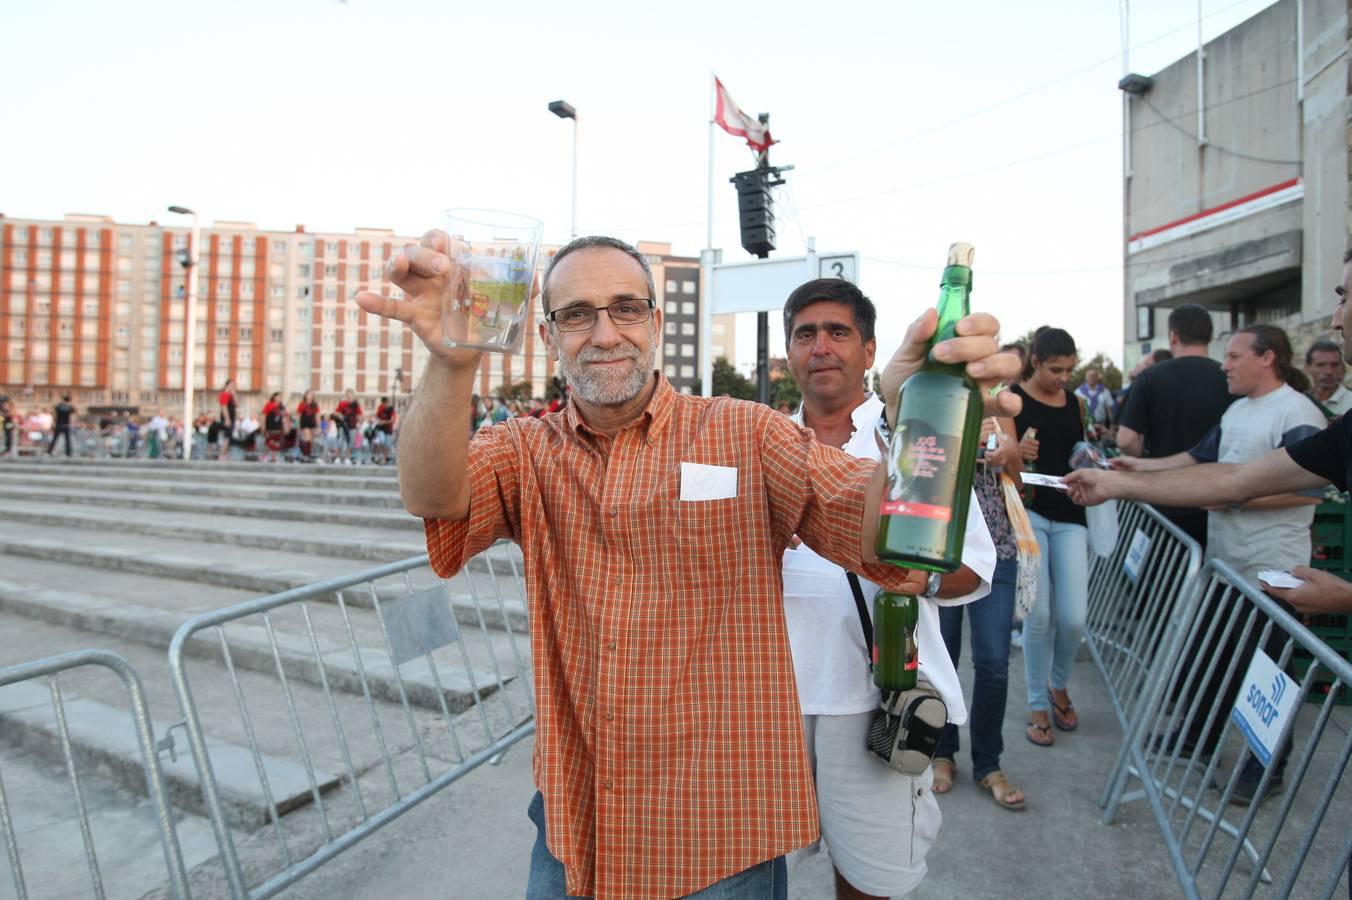 Todas las fotos del récord de escanciado de sidra en Gijón - Galería 20